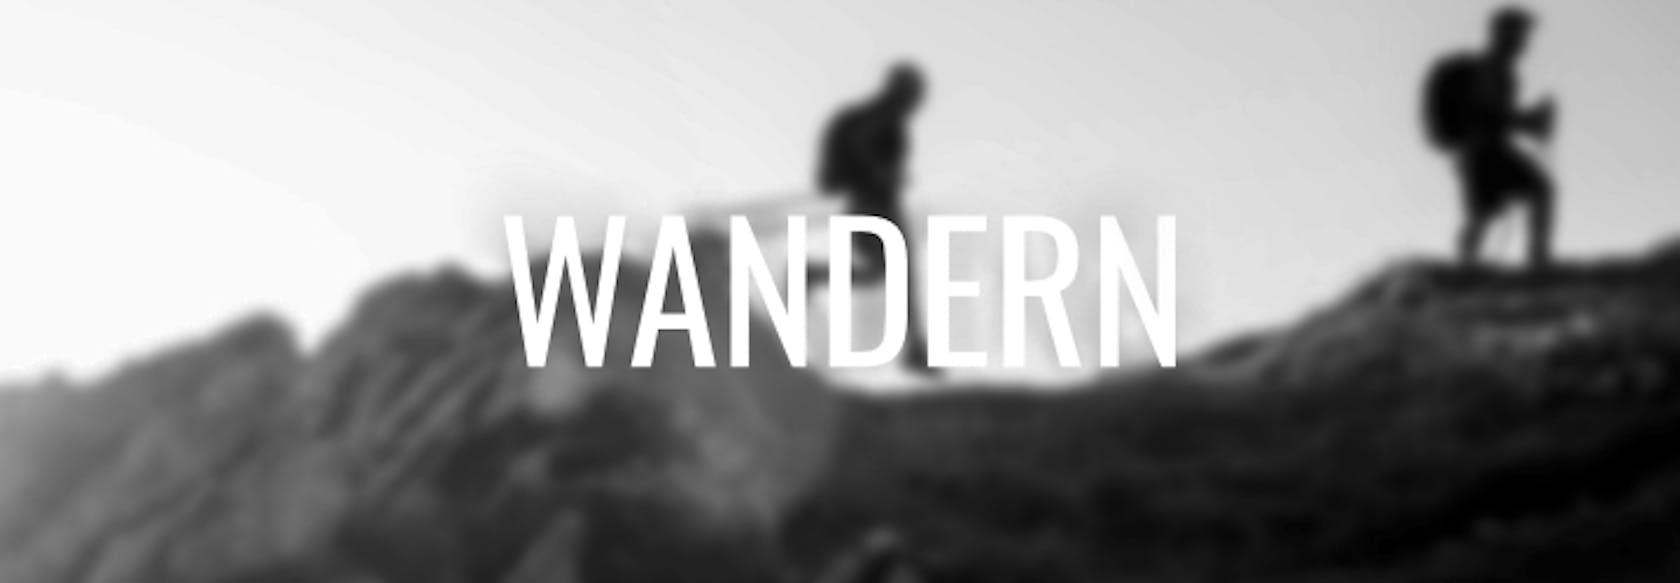 wandern shop online